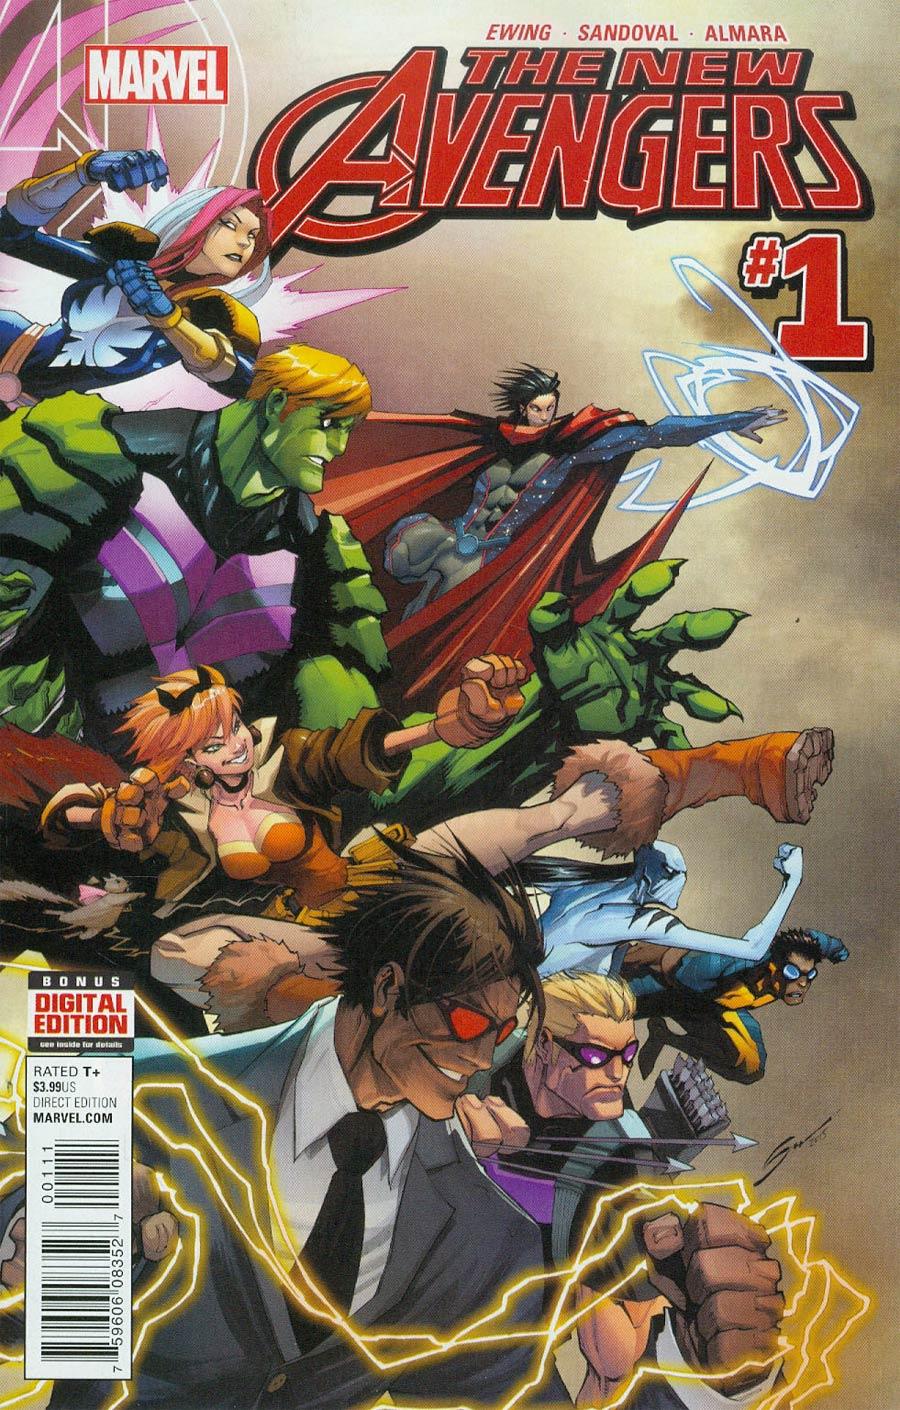 New Avengers Vol 4 #1 Cover A Regular Gerardo Sandoval Cover